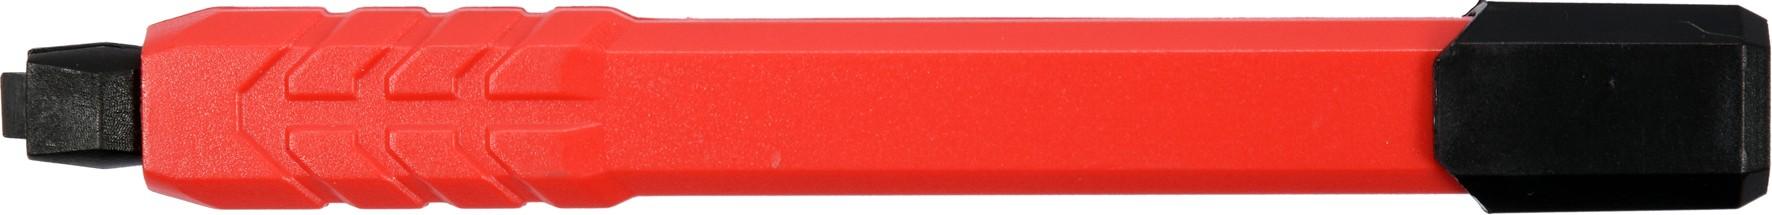 Tužka zednická automatická s vyměnitelnou náplní